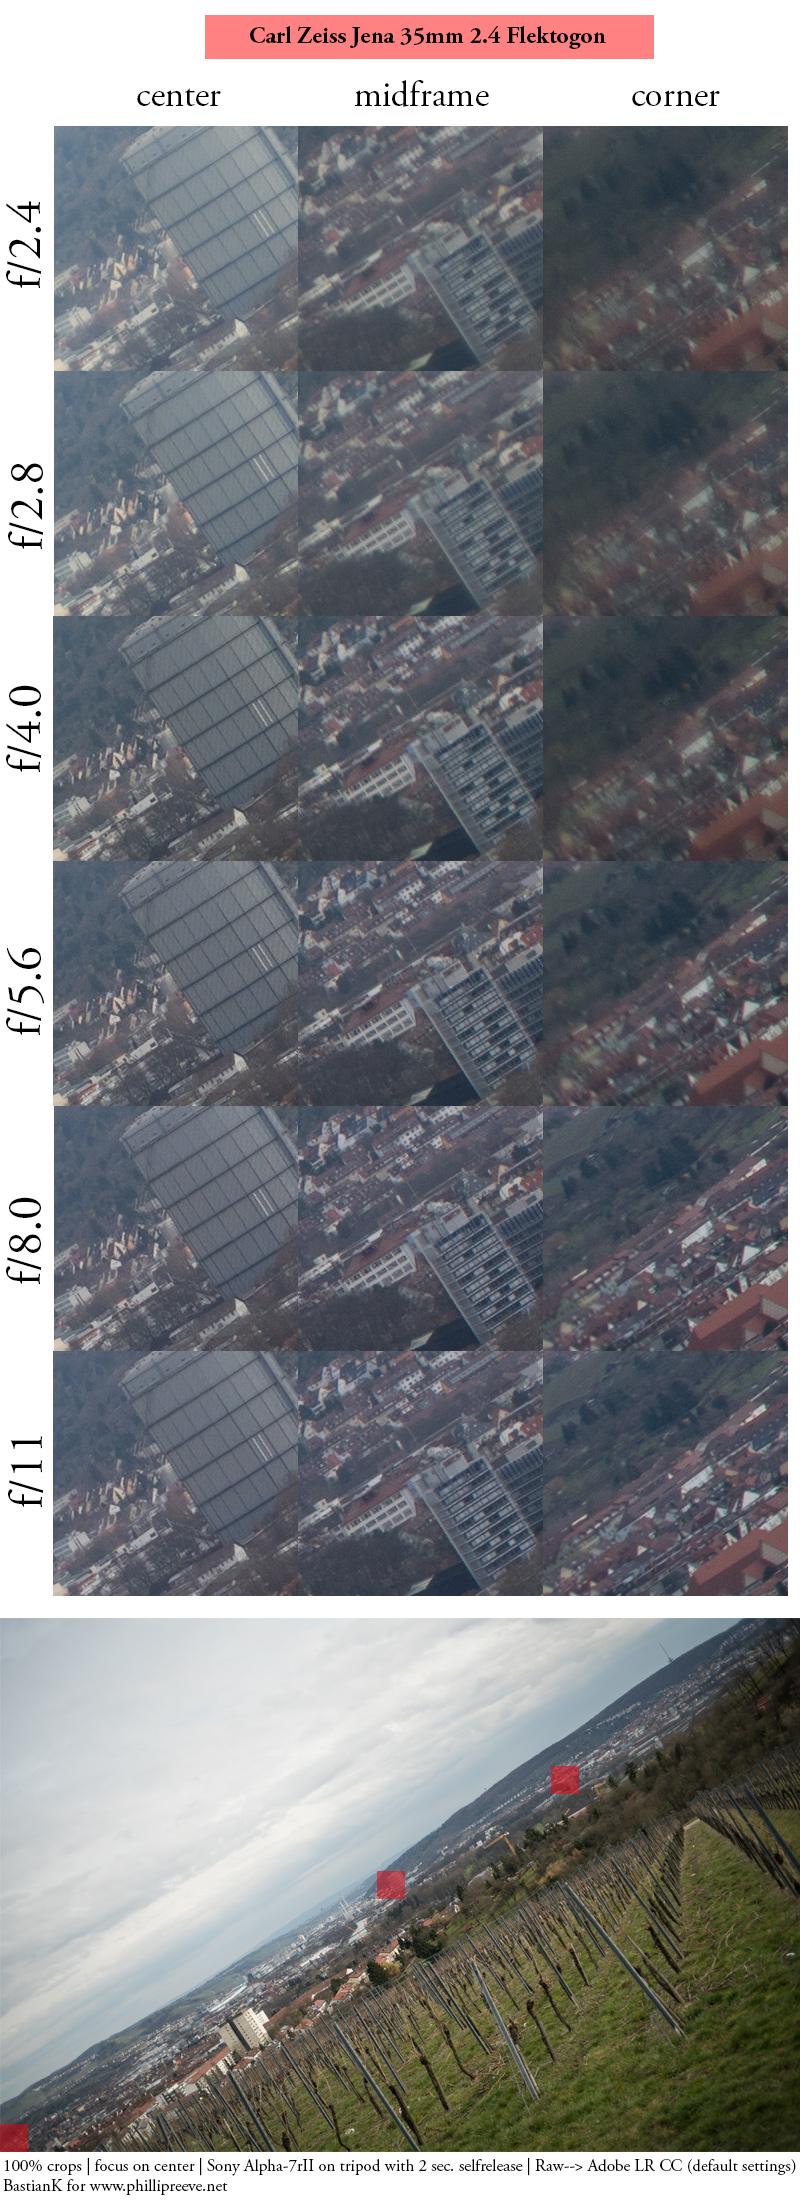 carl zeiss jena flektogon retrofocus m42 prakticar 35mm 2.4 review sony 42mp a7rii a7rm2 a7rm3 sharpness close focus